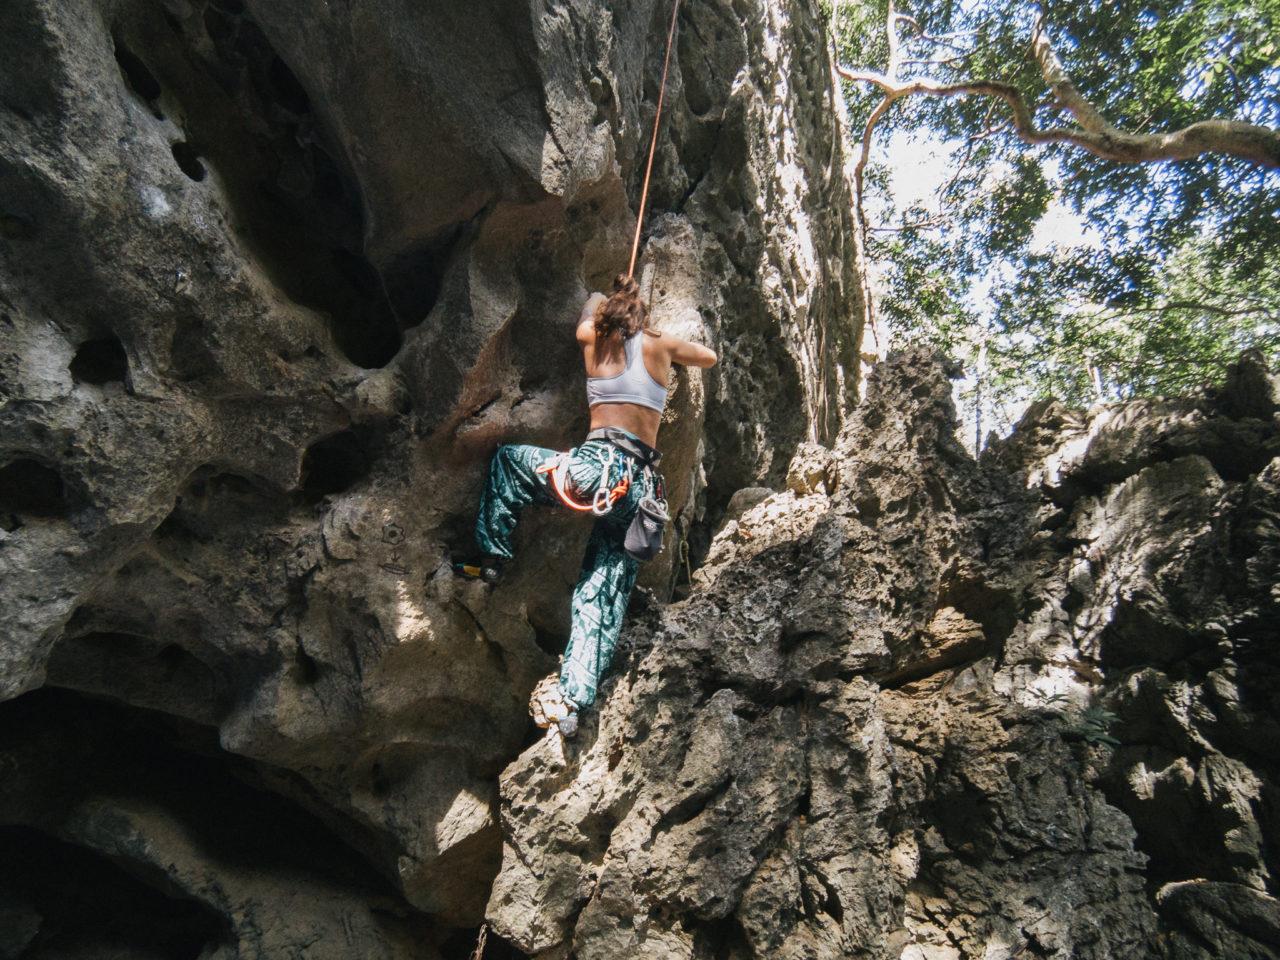 http://www.trendymood.com/wp-content/uploads/2017/03/Escalade-Grimpeurs-à-Thakek-Laos-4-1280x960.jpg